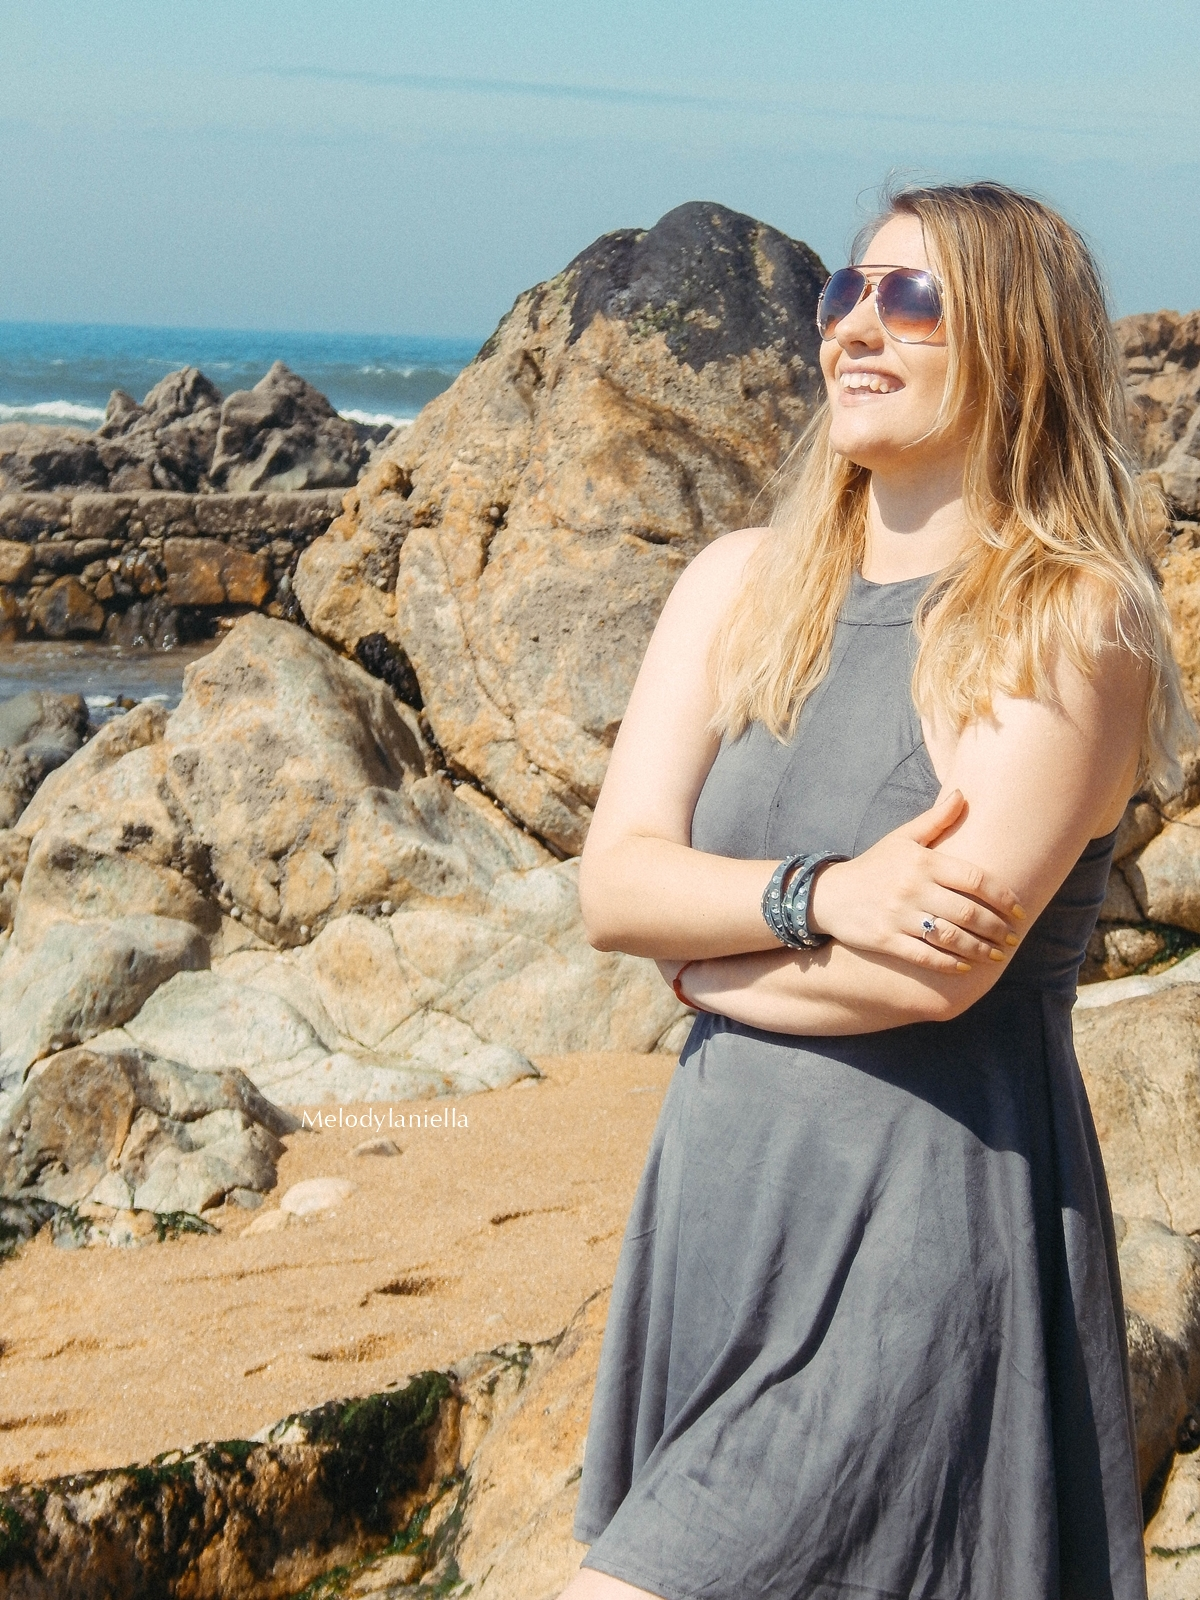 4 stylizacja porto portugalskie plaże co zobaczyć w portugalii szara sukienka sznurowana na plecach sukienka z zamszu szare sukienki sznurowania jaka sukienka dla blondynek mini szare espadryle biżuteria